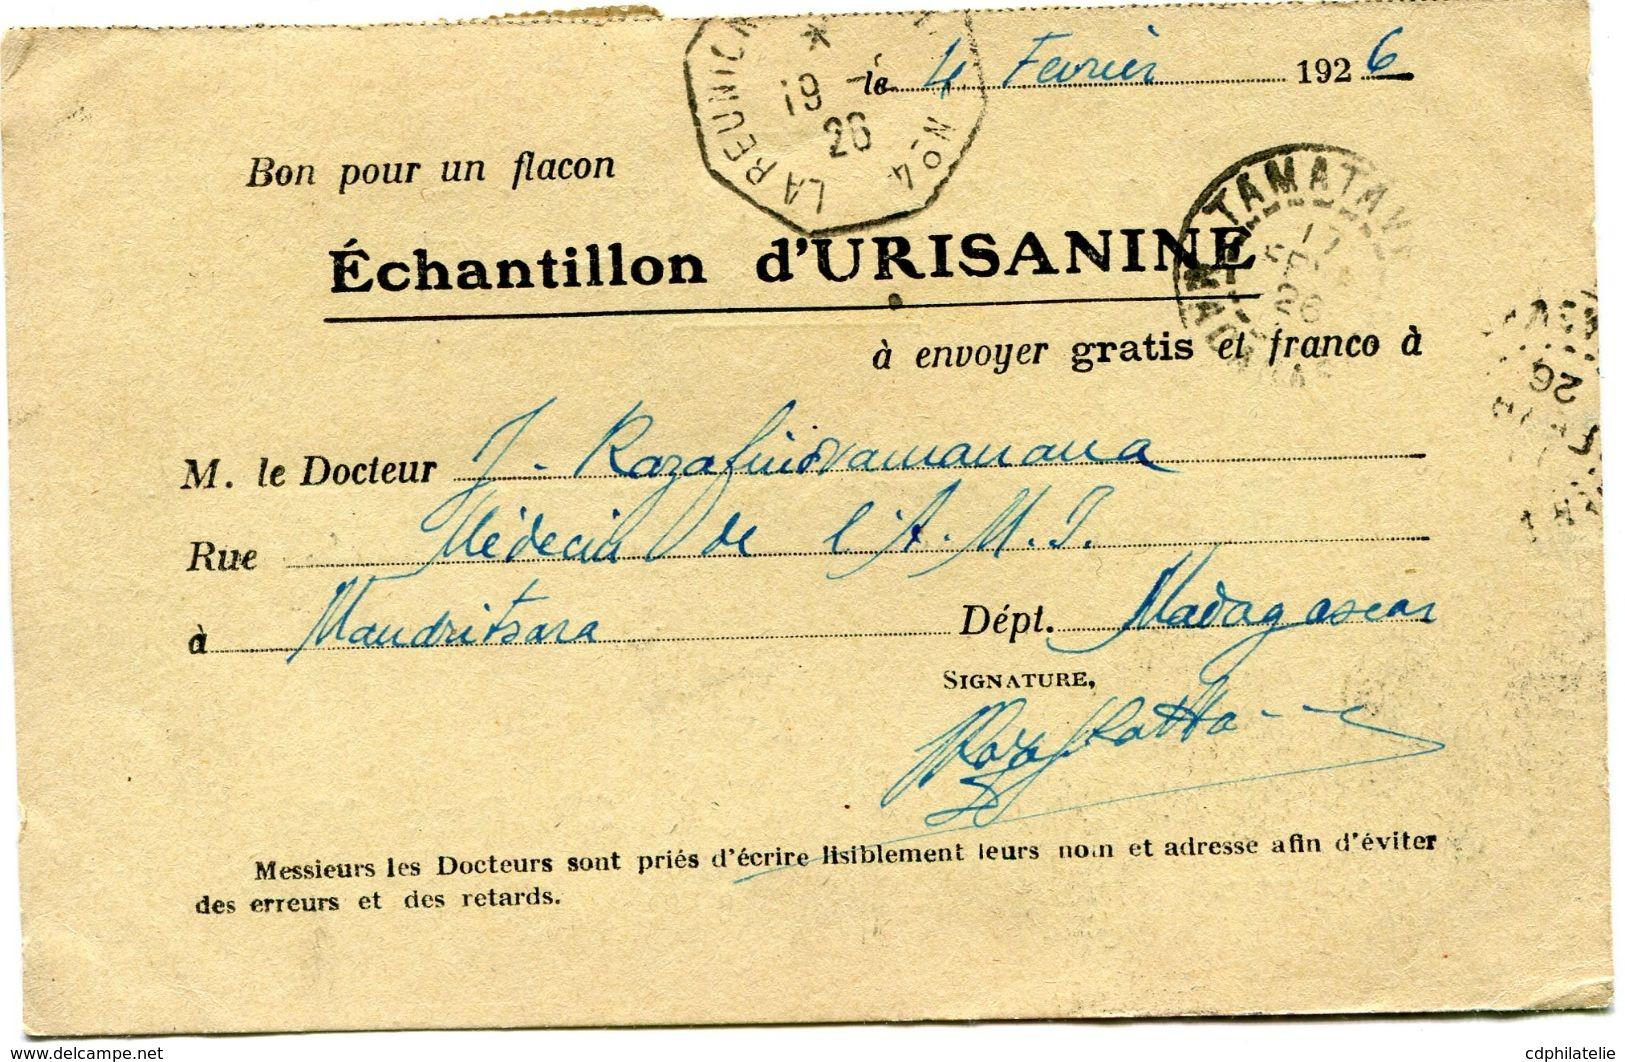 MADAGASCAR CARTE POSTALE BON POUR UN FLACON ECHANTILLON D'URISANINE DEPART MANDRITSARA 6 FEVR 26  POUR LA FRANCE - Lettres & Documents